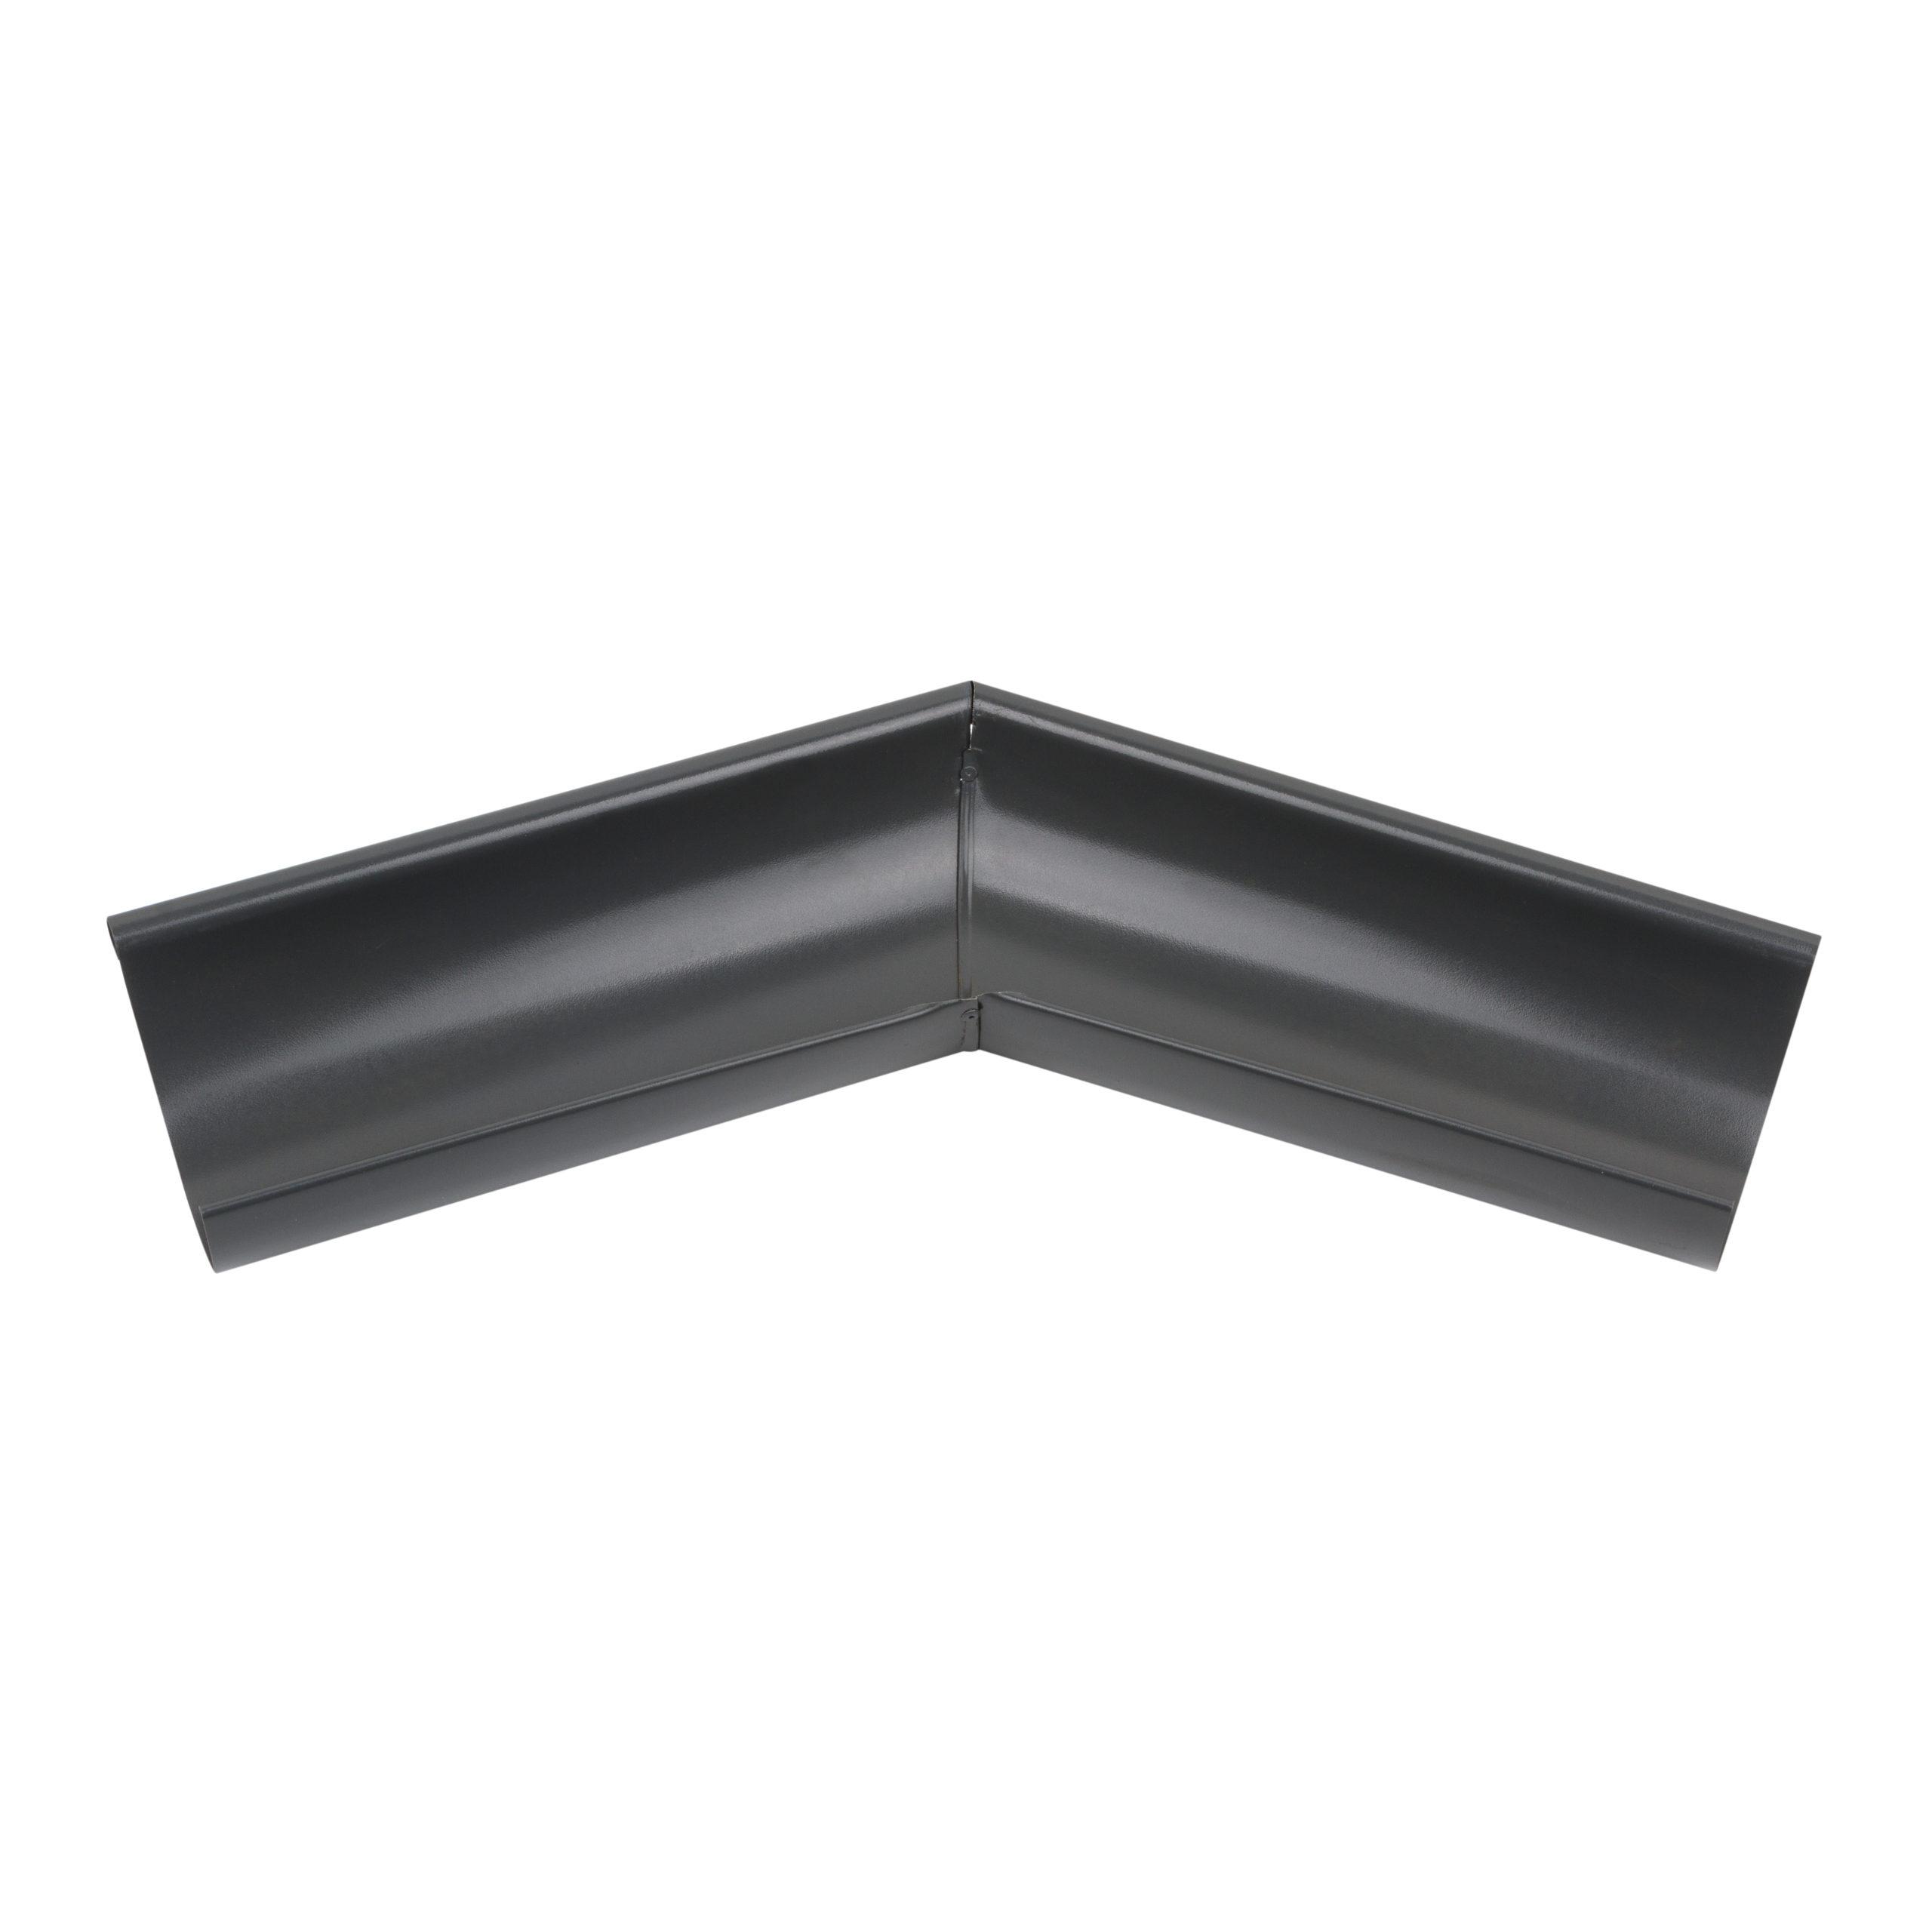 Зовнішній кут металевий, антрацит 135° Aqueduct